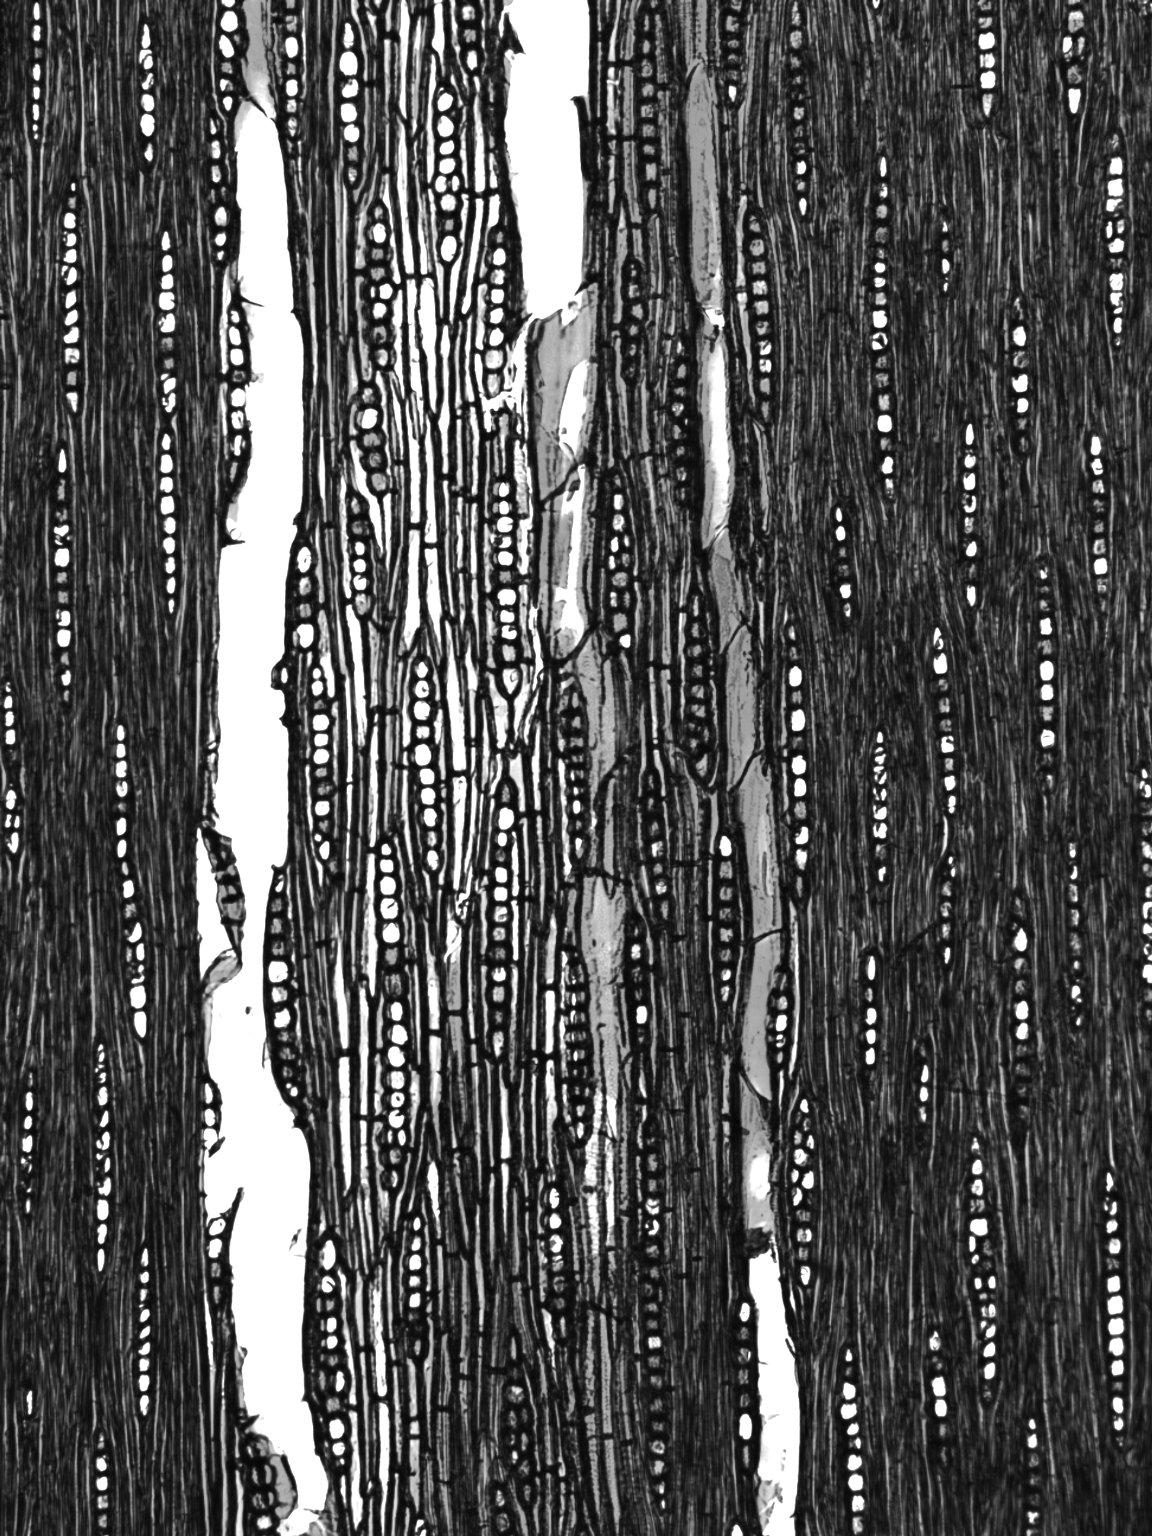 BIGNONIACEAE Tabebuia fluviatilis